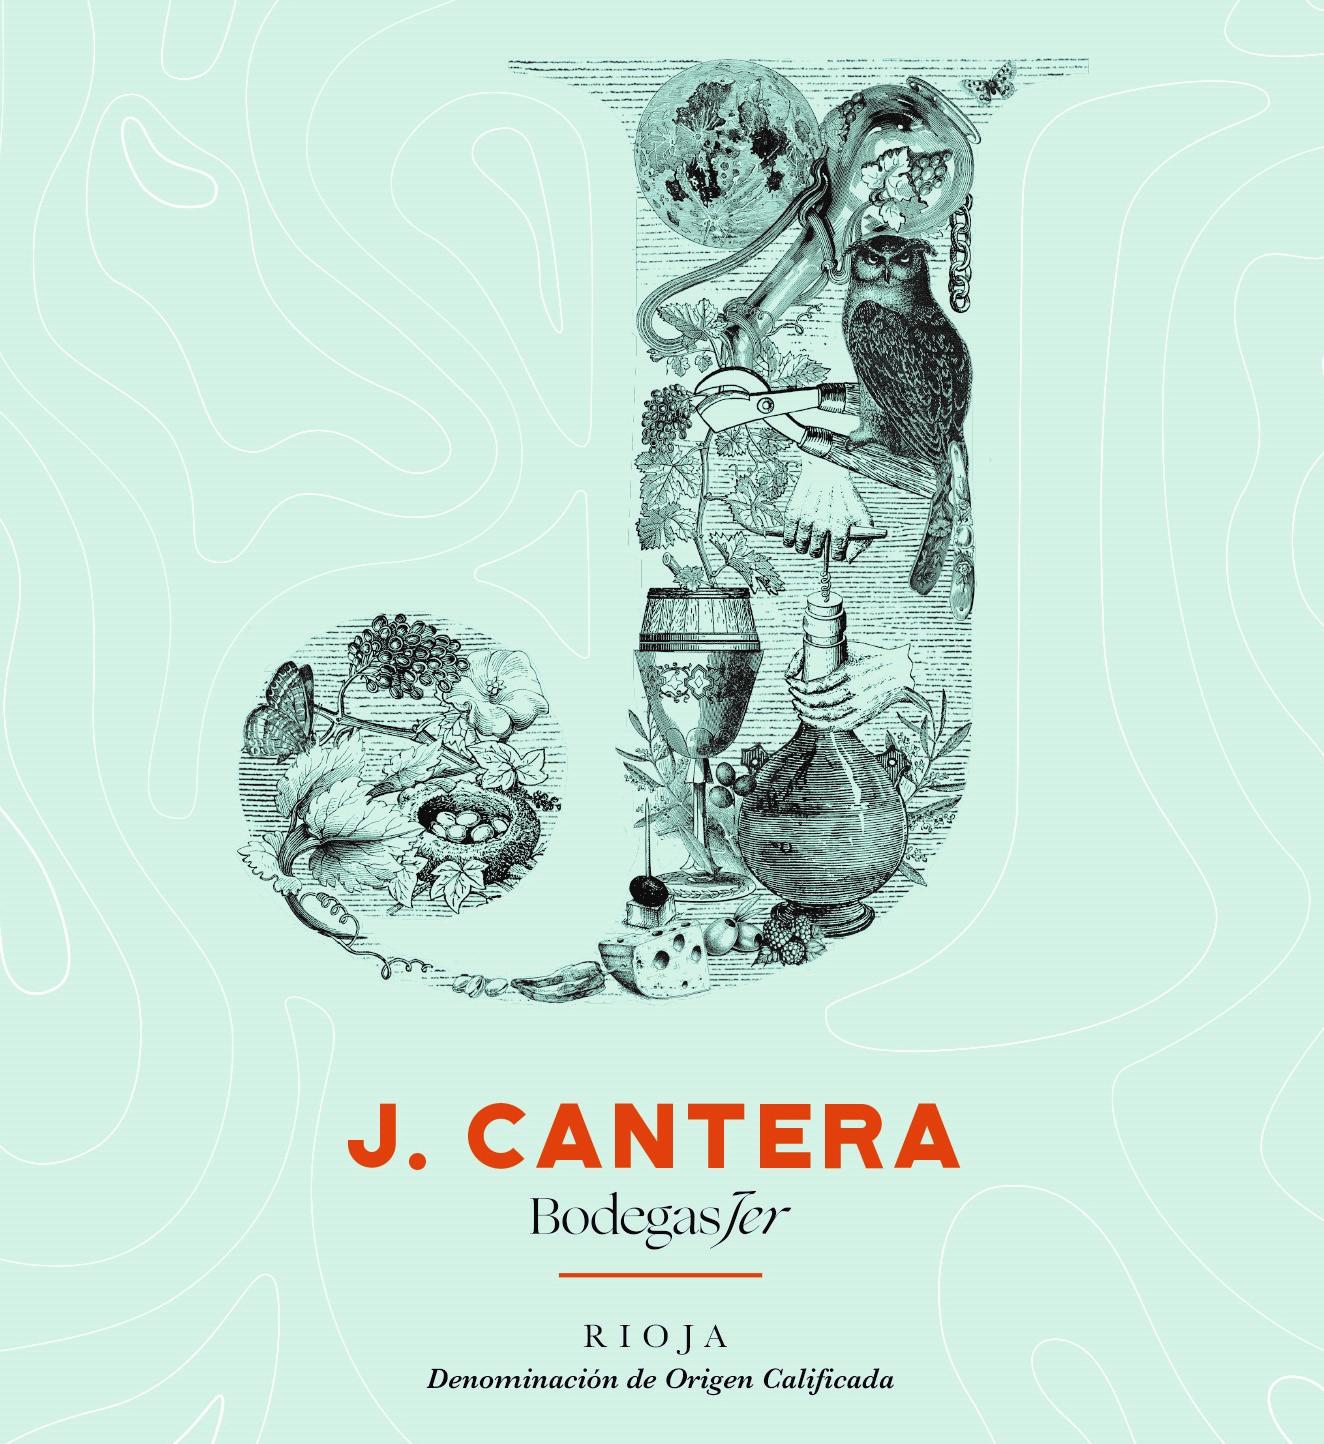 J.cantera Tinto